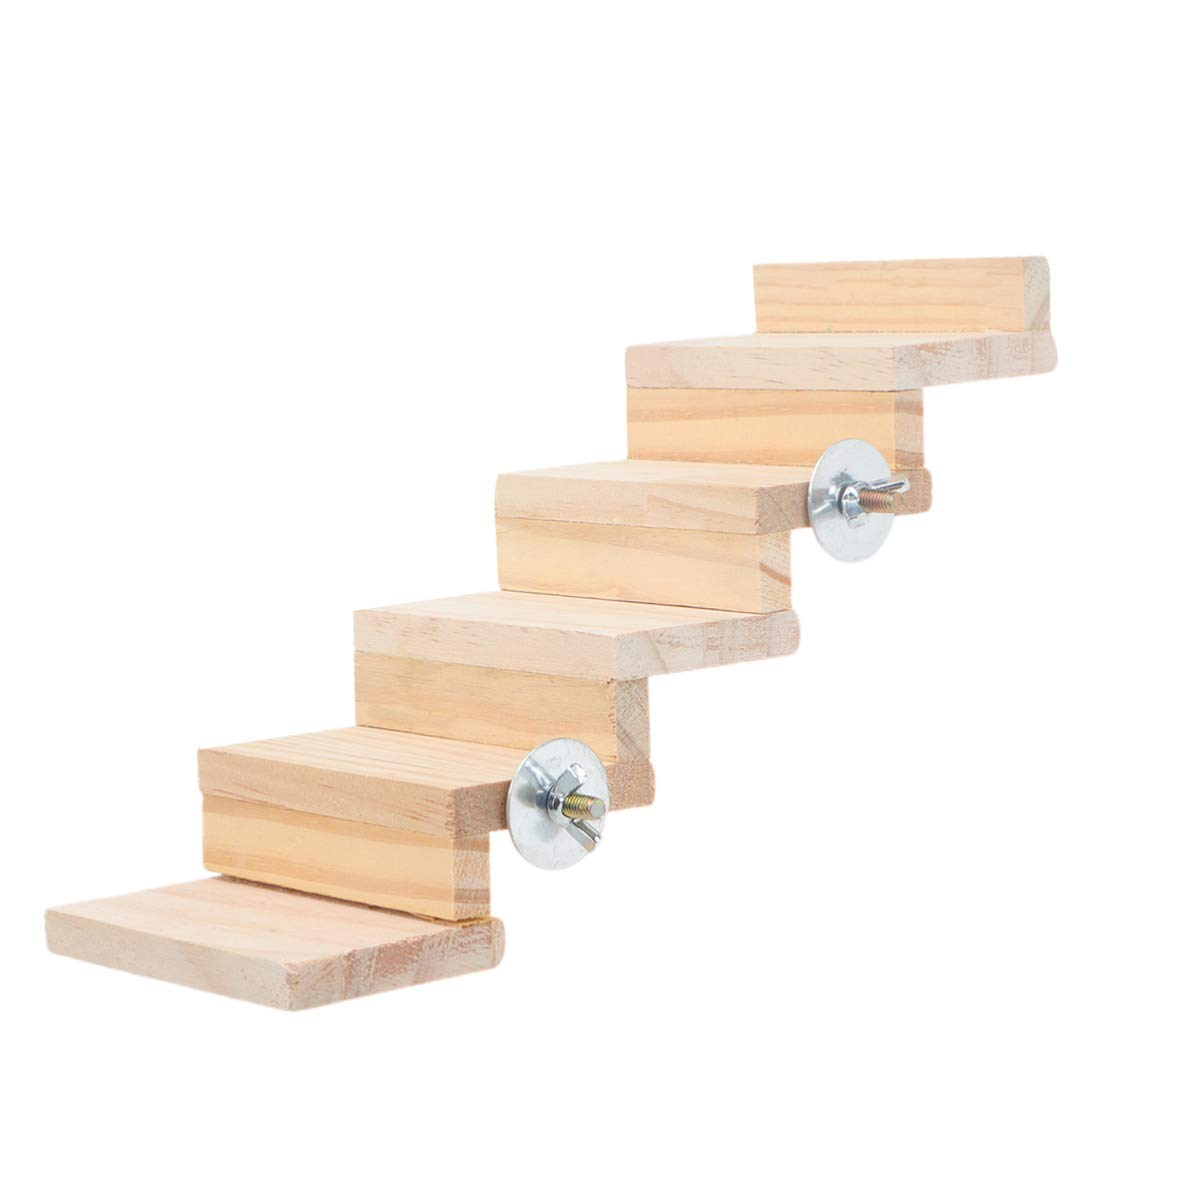 POPETPOP Jaula de Madera Puente Creativo Escalada Juguete Mordedura Juguete Escalera Jugando Modelo Suministros para Mascotas para Pájaro Loro Hámster (5 Escaleras Estilo B): Amazon.es: Hogar